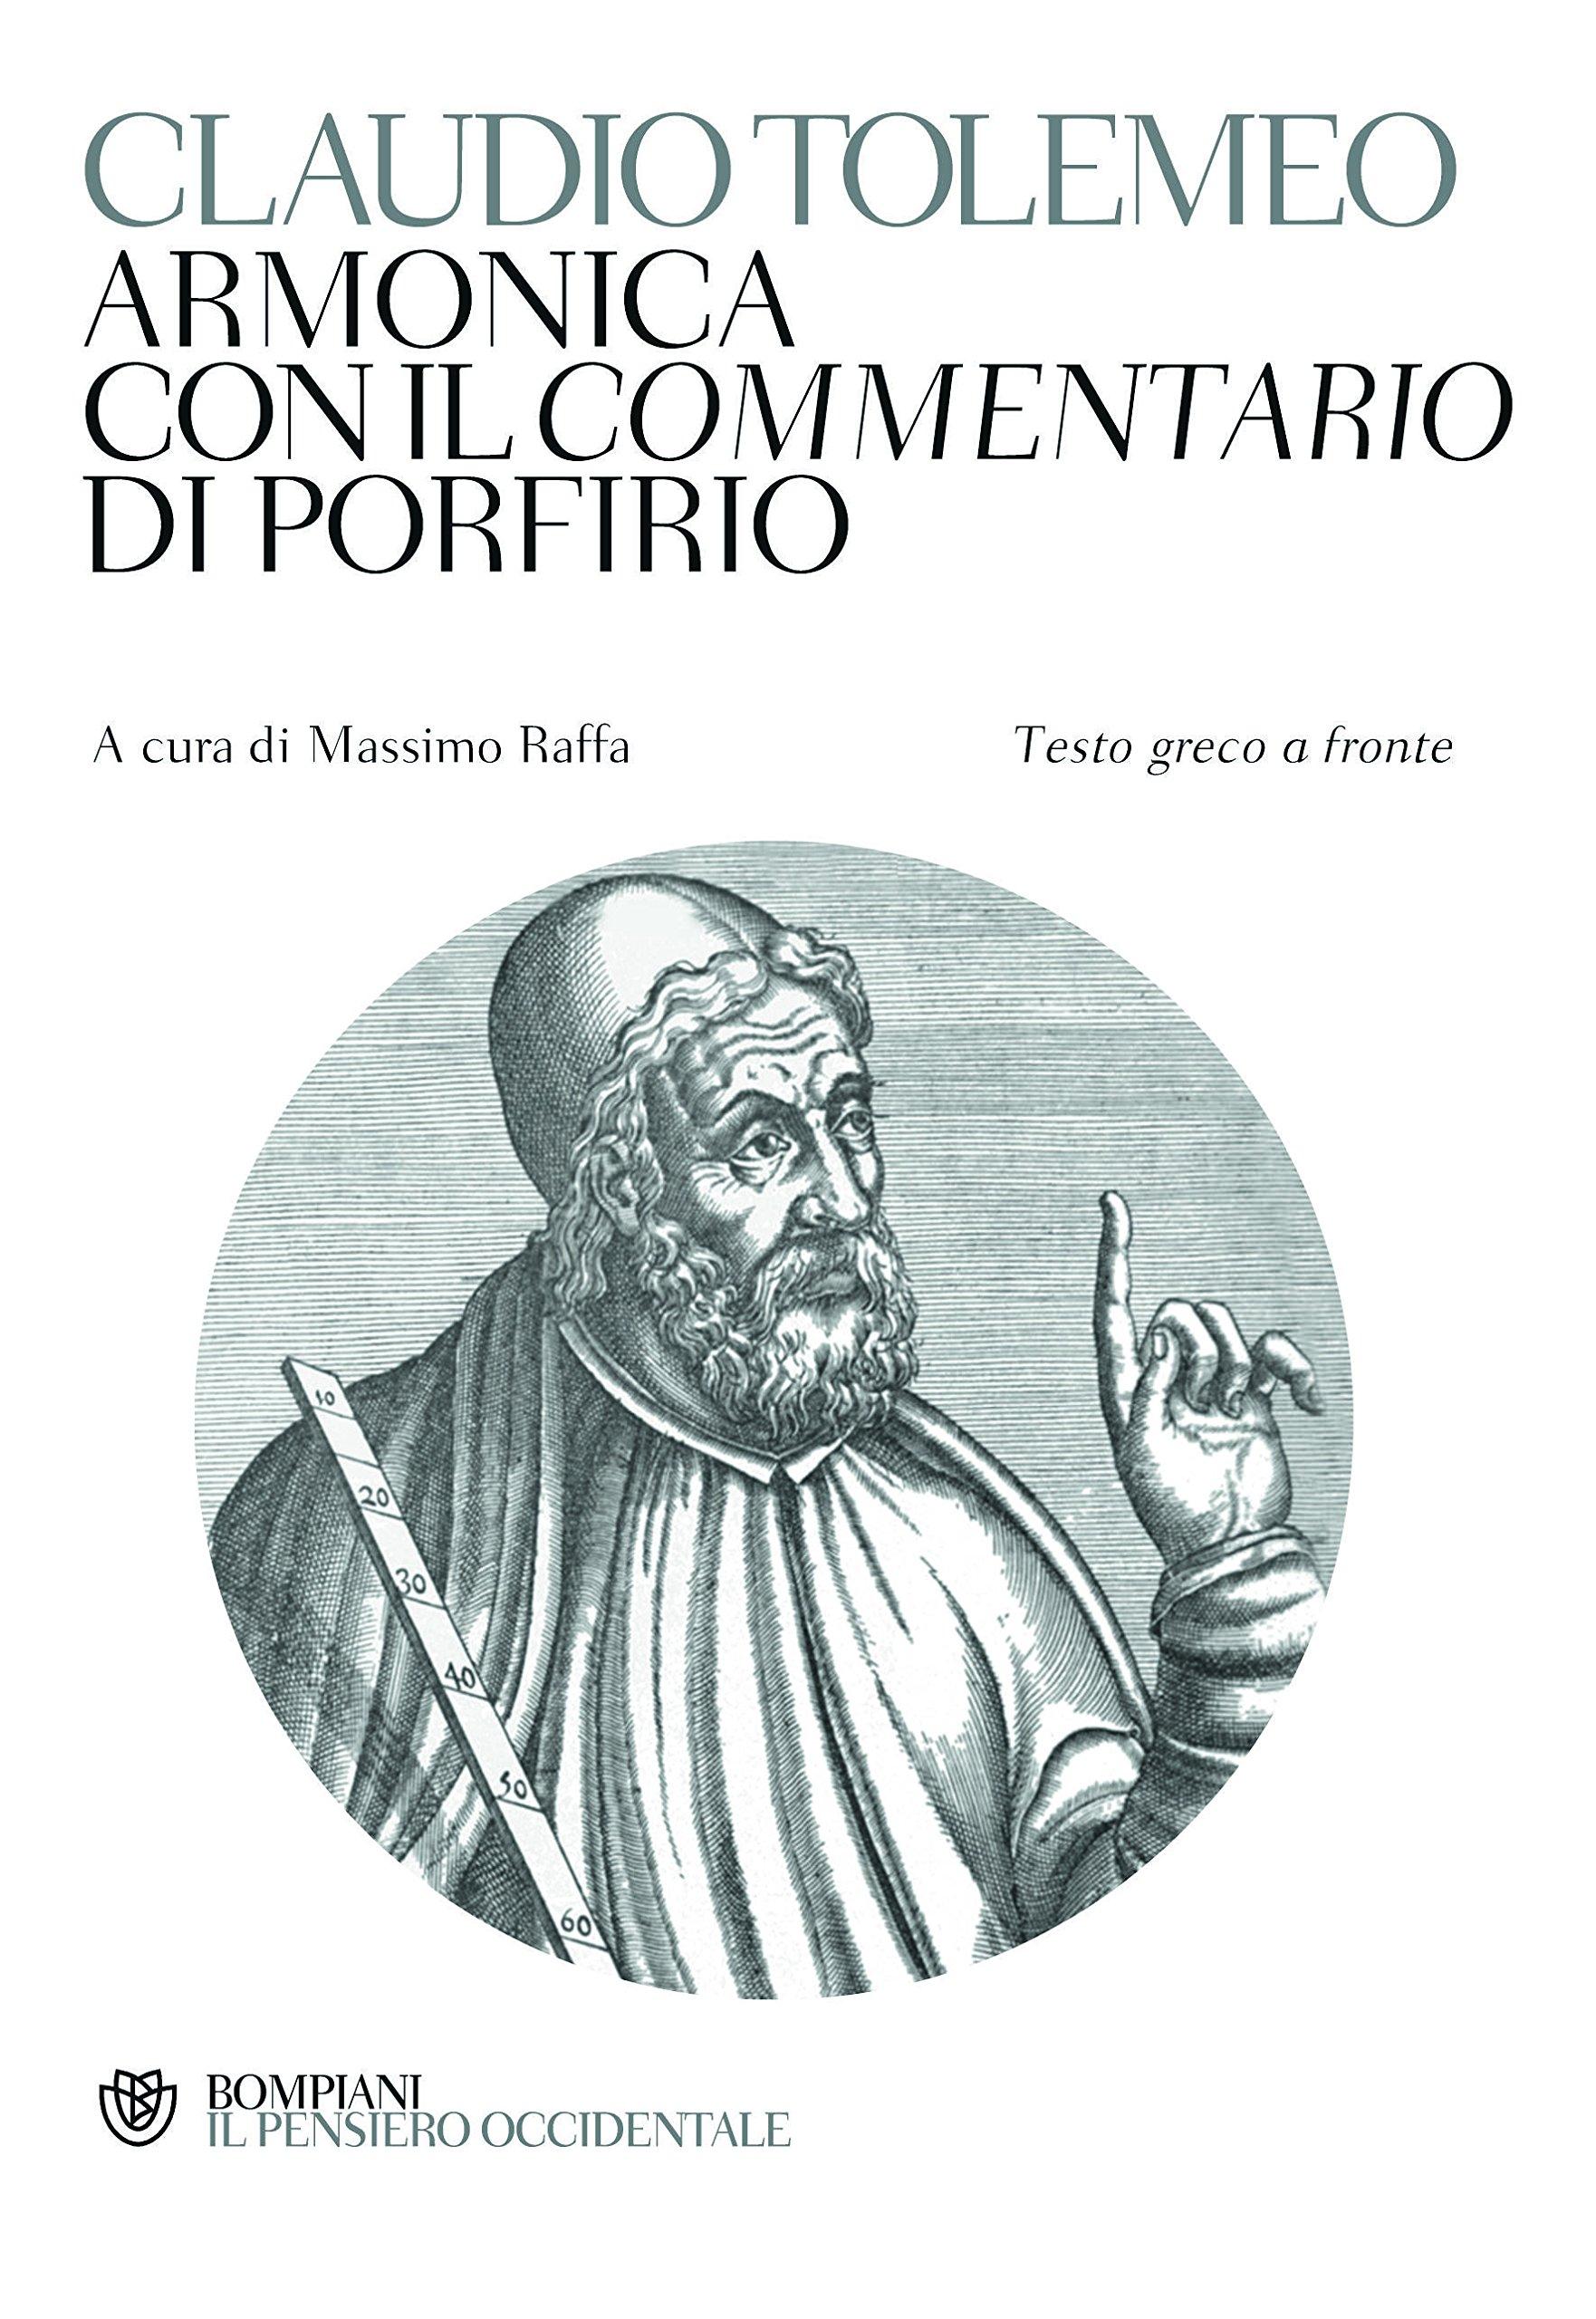 Armonica / Claudio Tolemeo; con il Commentario di Porfirio